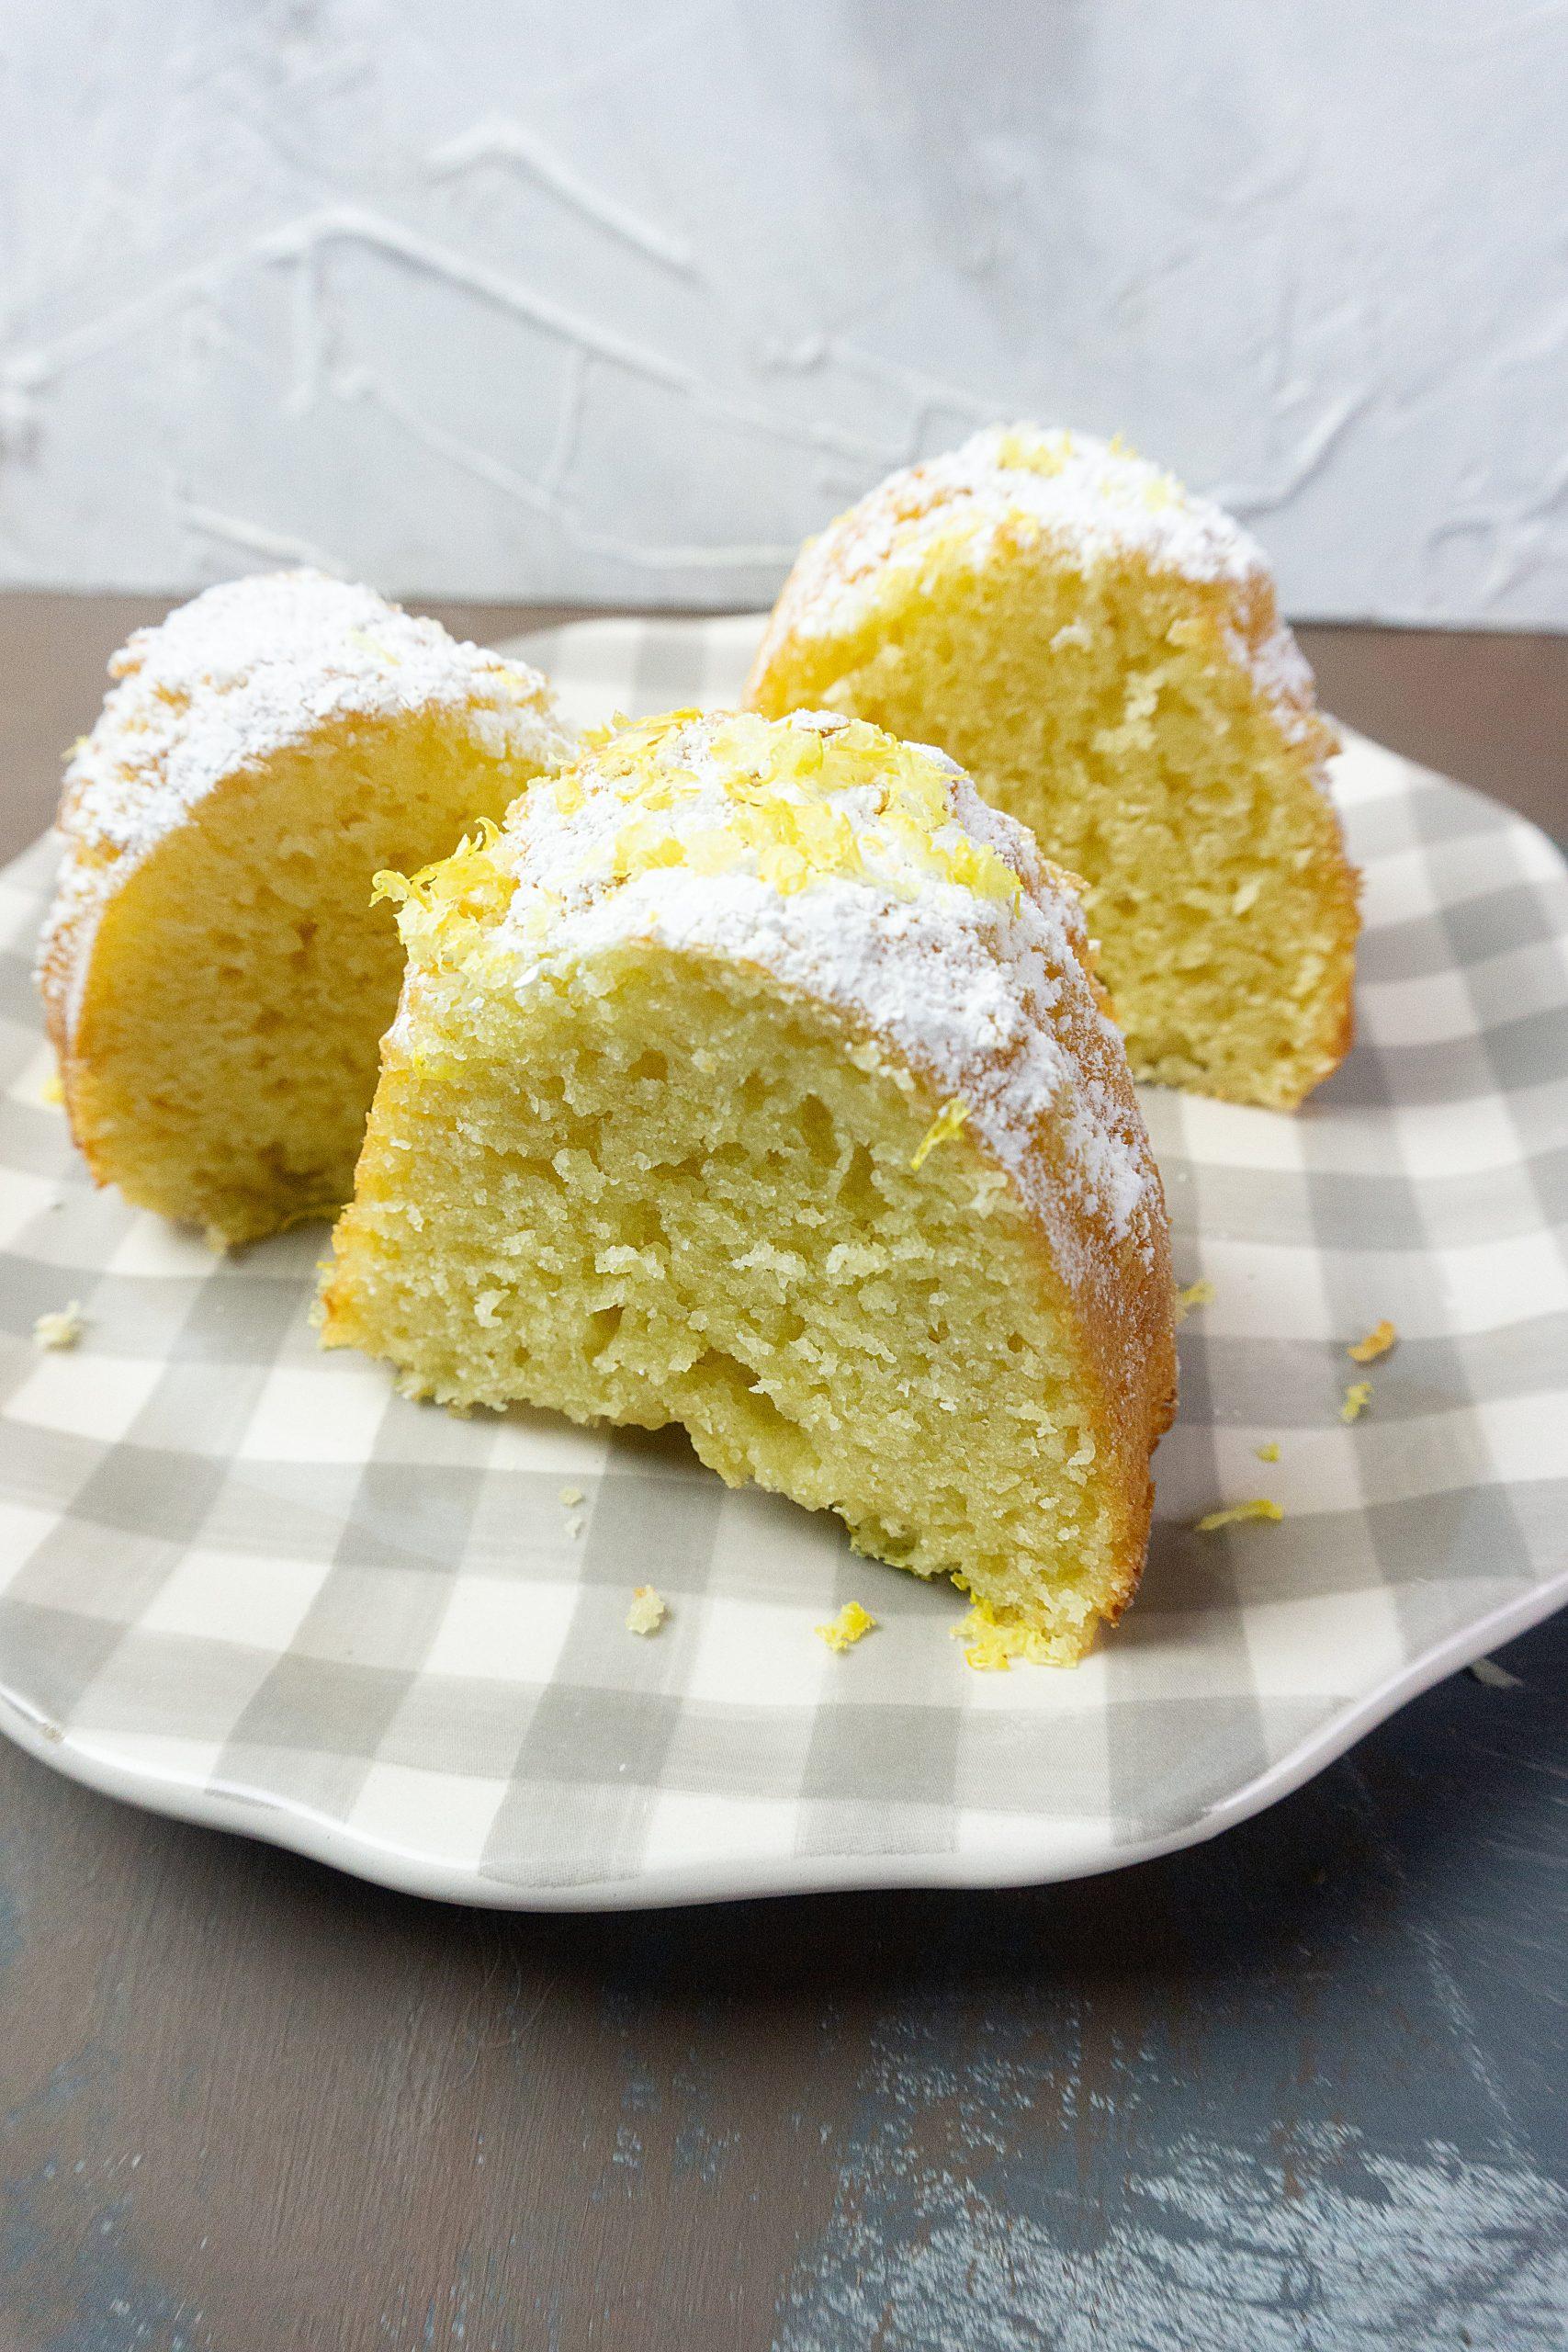 Meyer Lemon Bundt Cake cut into pieces on a serving plate.